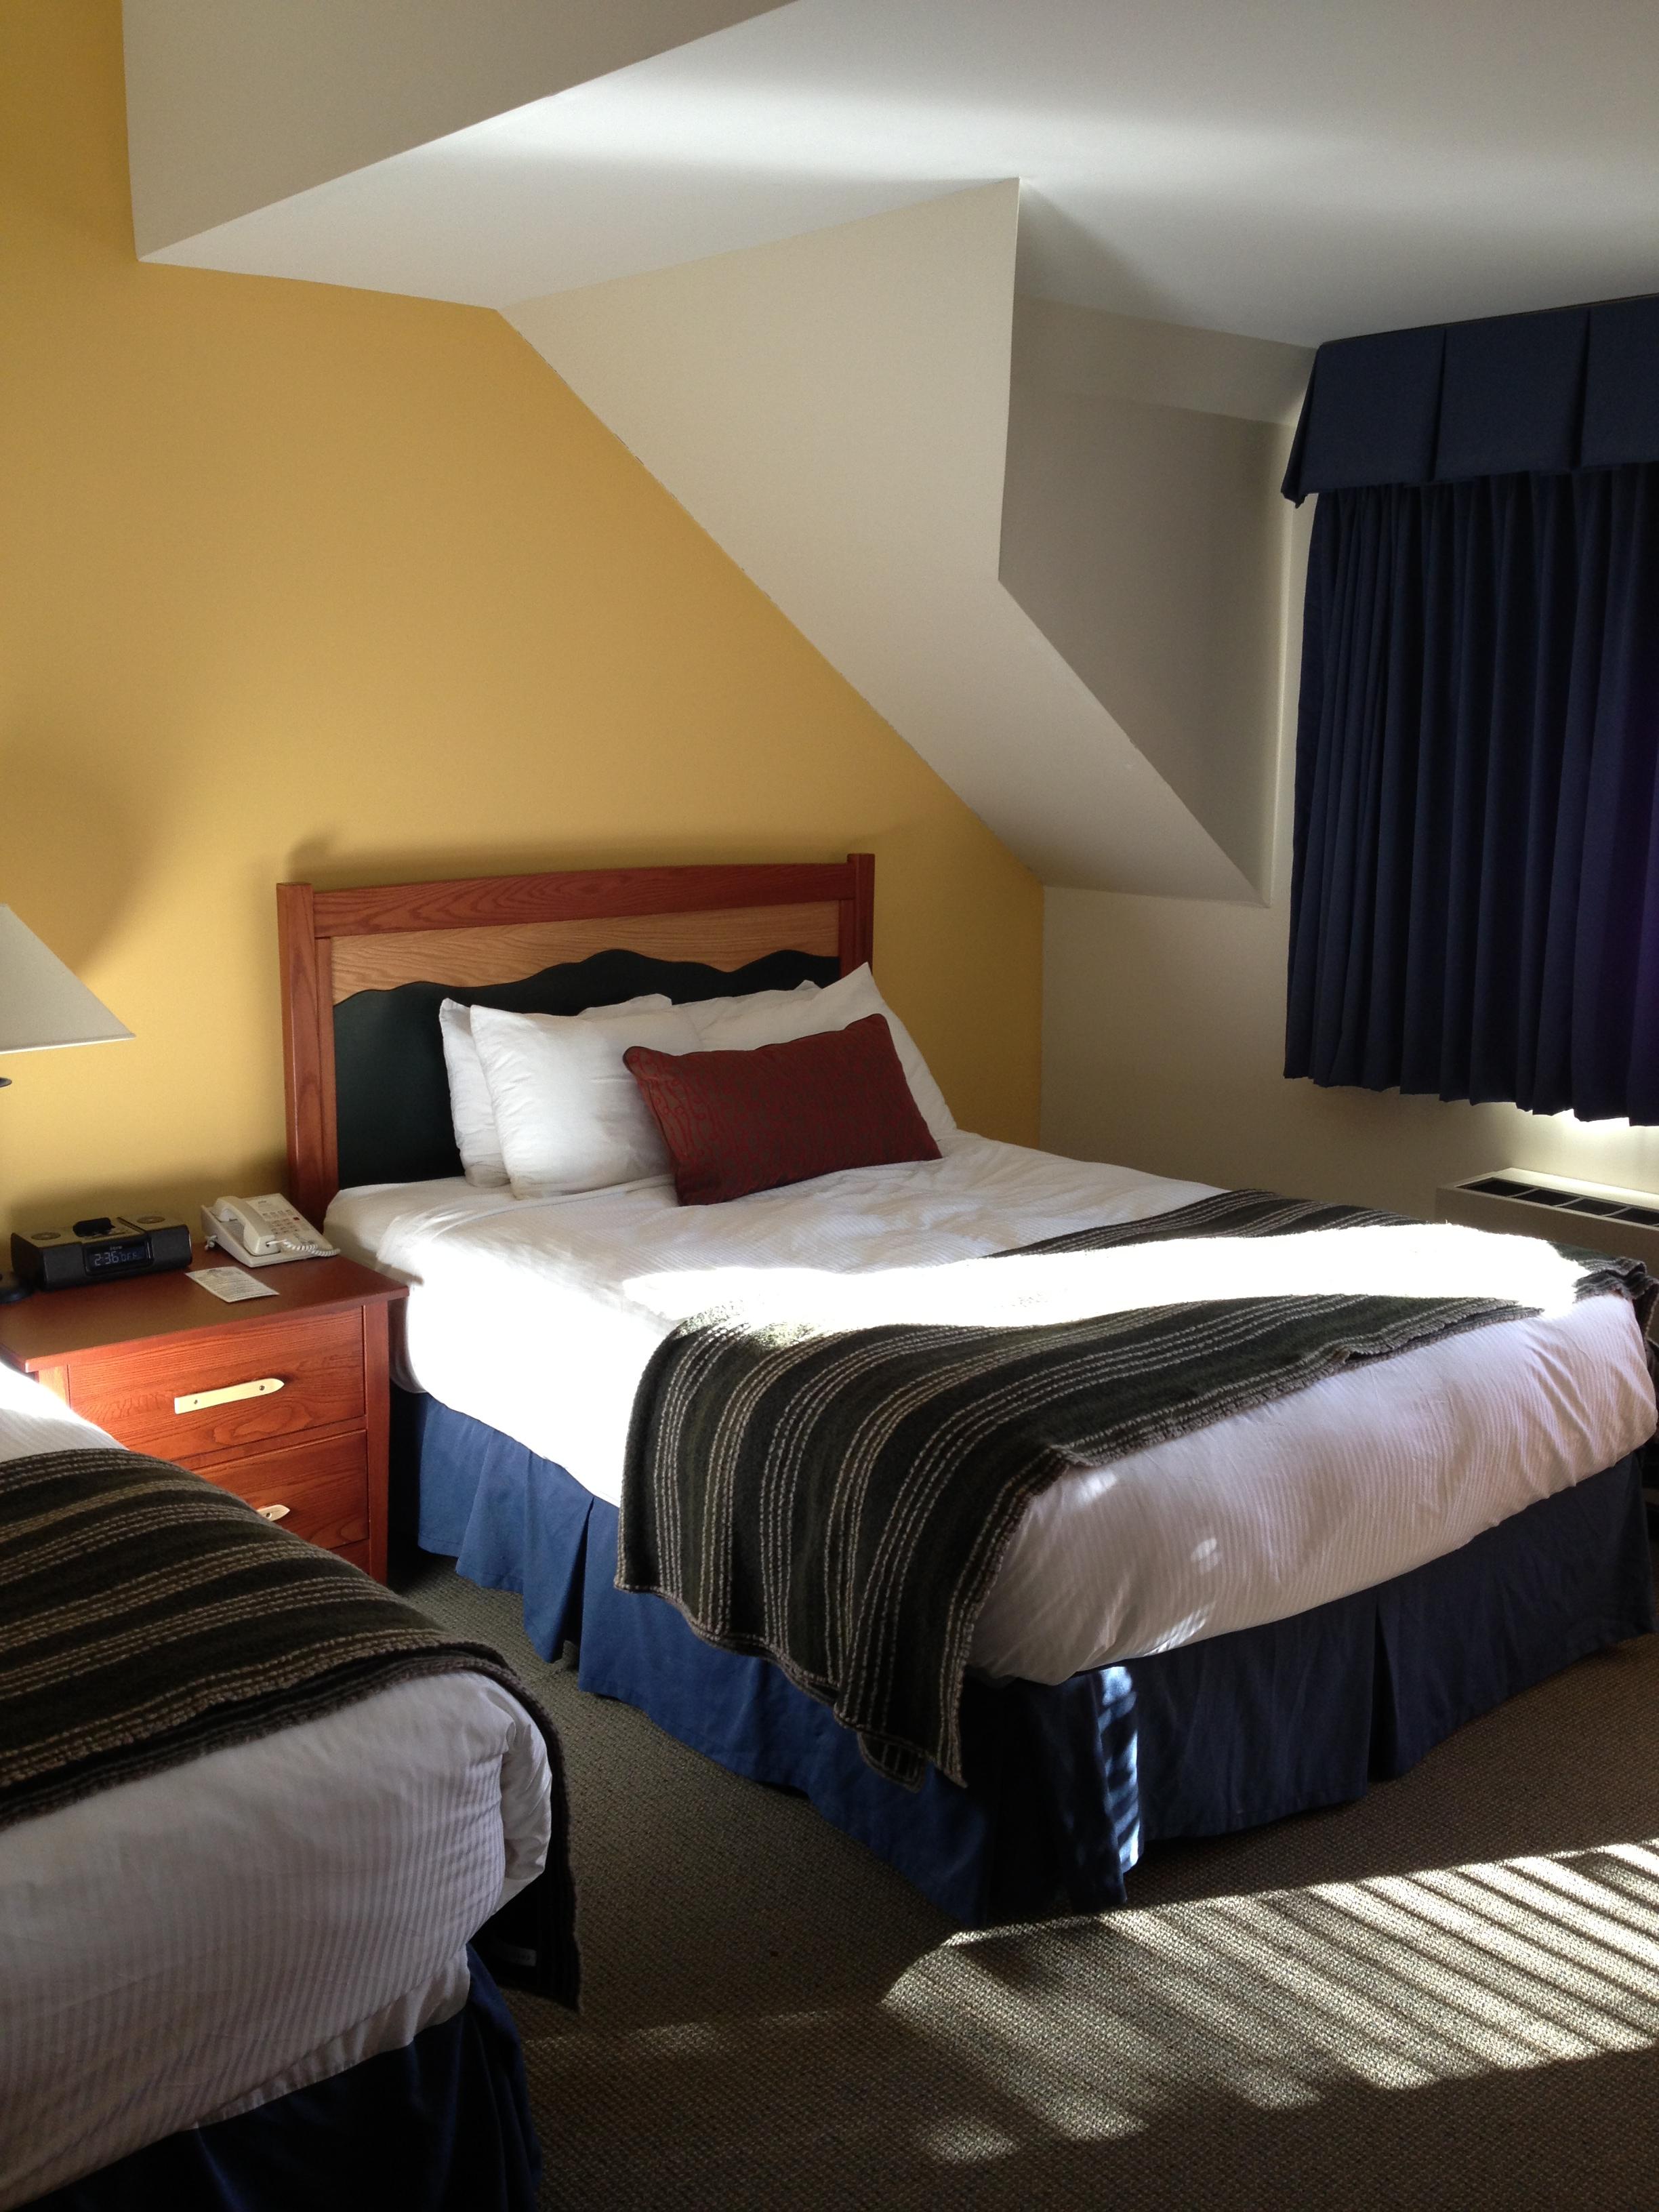 Sleeping room. Sleeping room   Grays On Trays